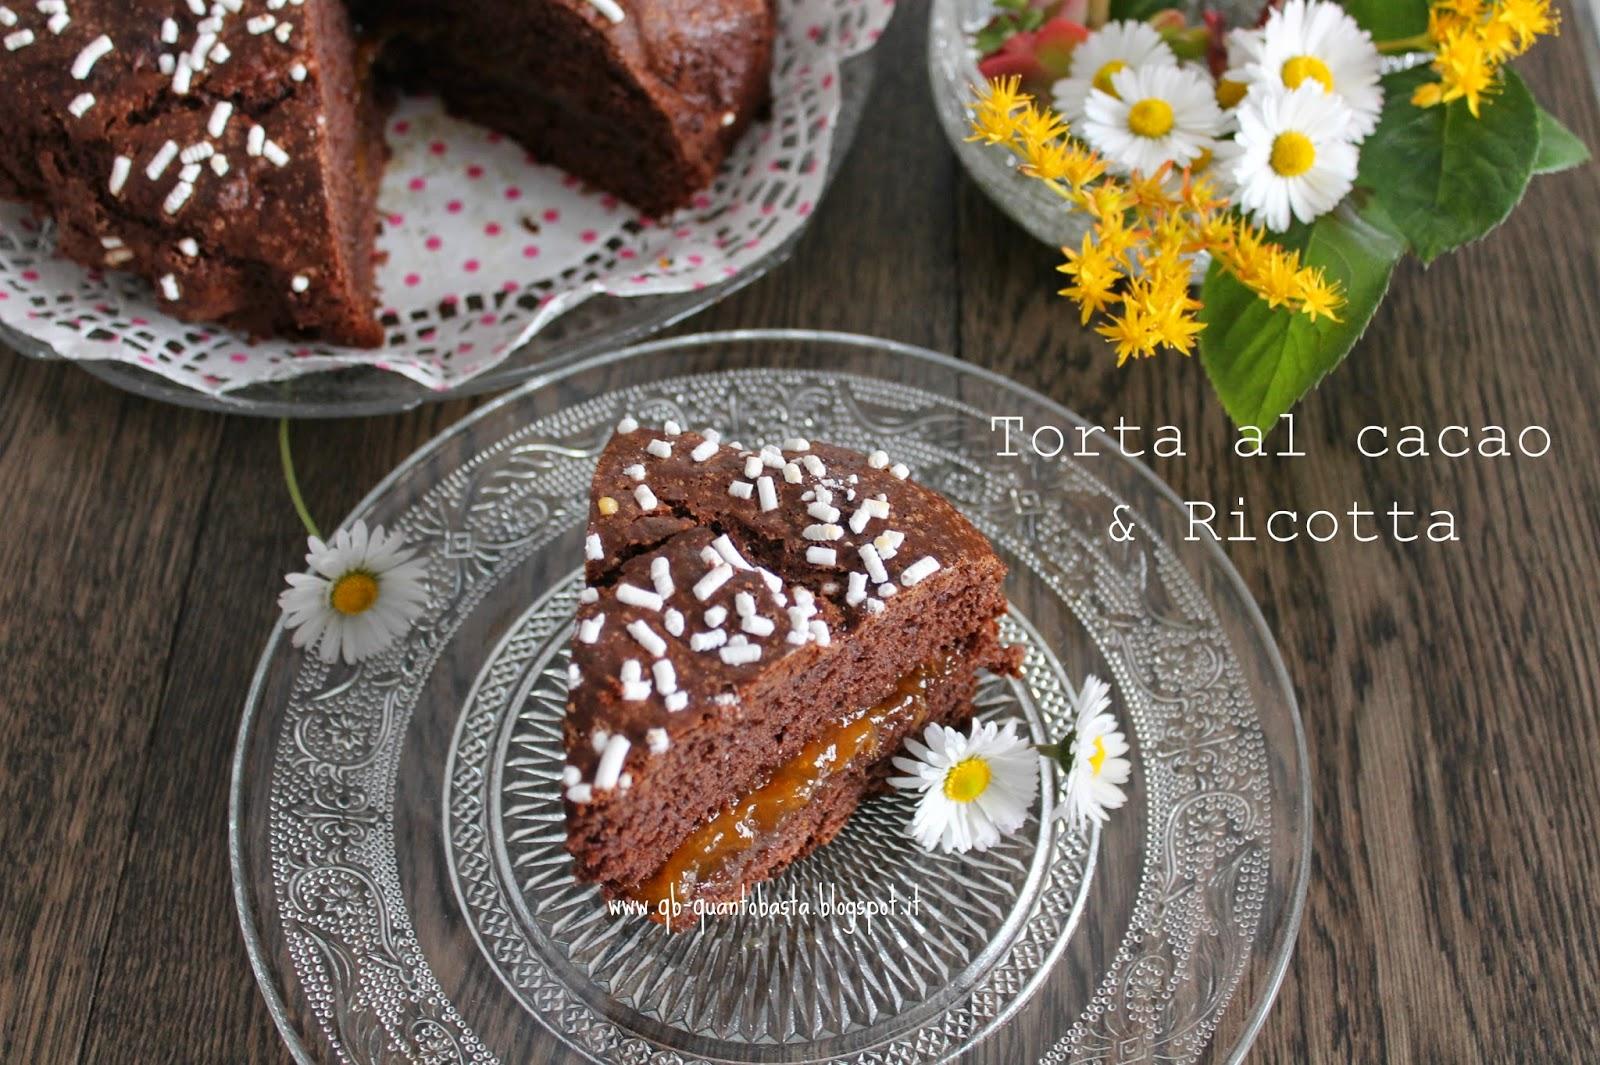 torta al cacao e ricotta...senza burro e senza olio e.. tanti auguri mamma!!!